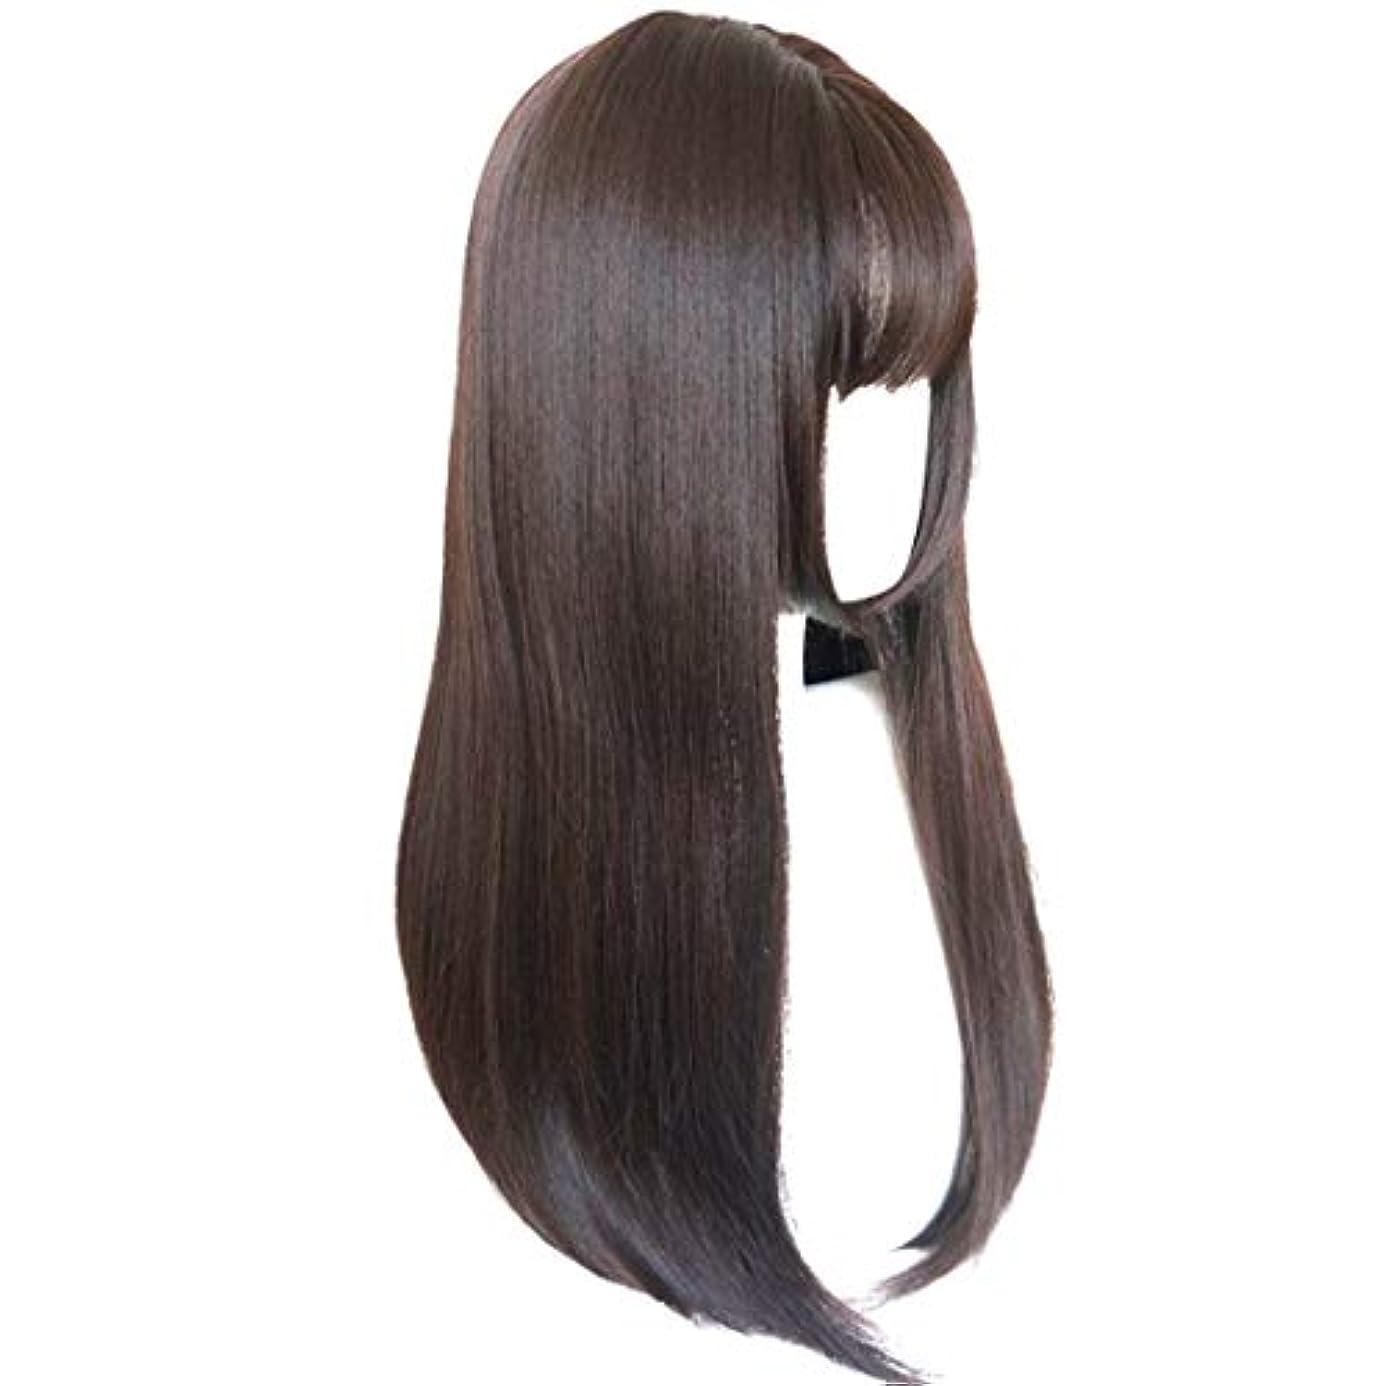 誓う勤勉な圧縮されたKerwinner かつら完全なかつら女性のための耐熱性耐熱性でかつらストレートロング人工毛